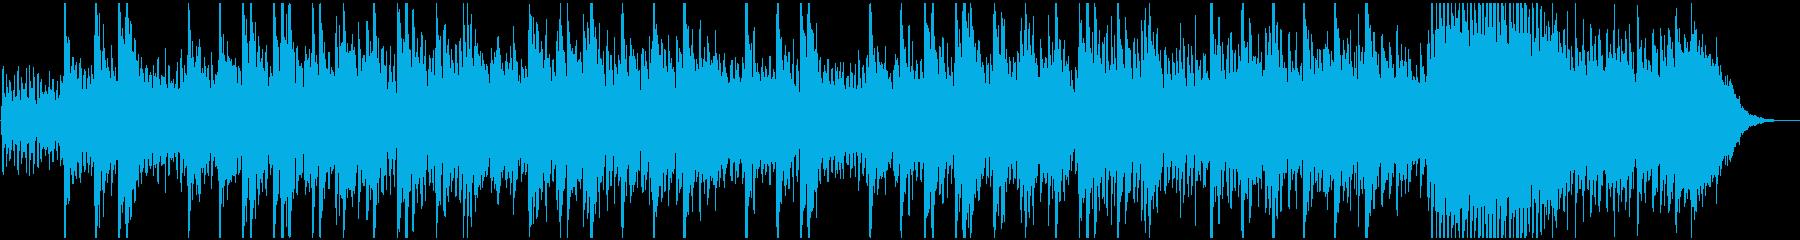 感動的な映像、CM用わくわくするピアノ曲の再生済みの波形